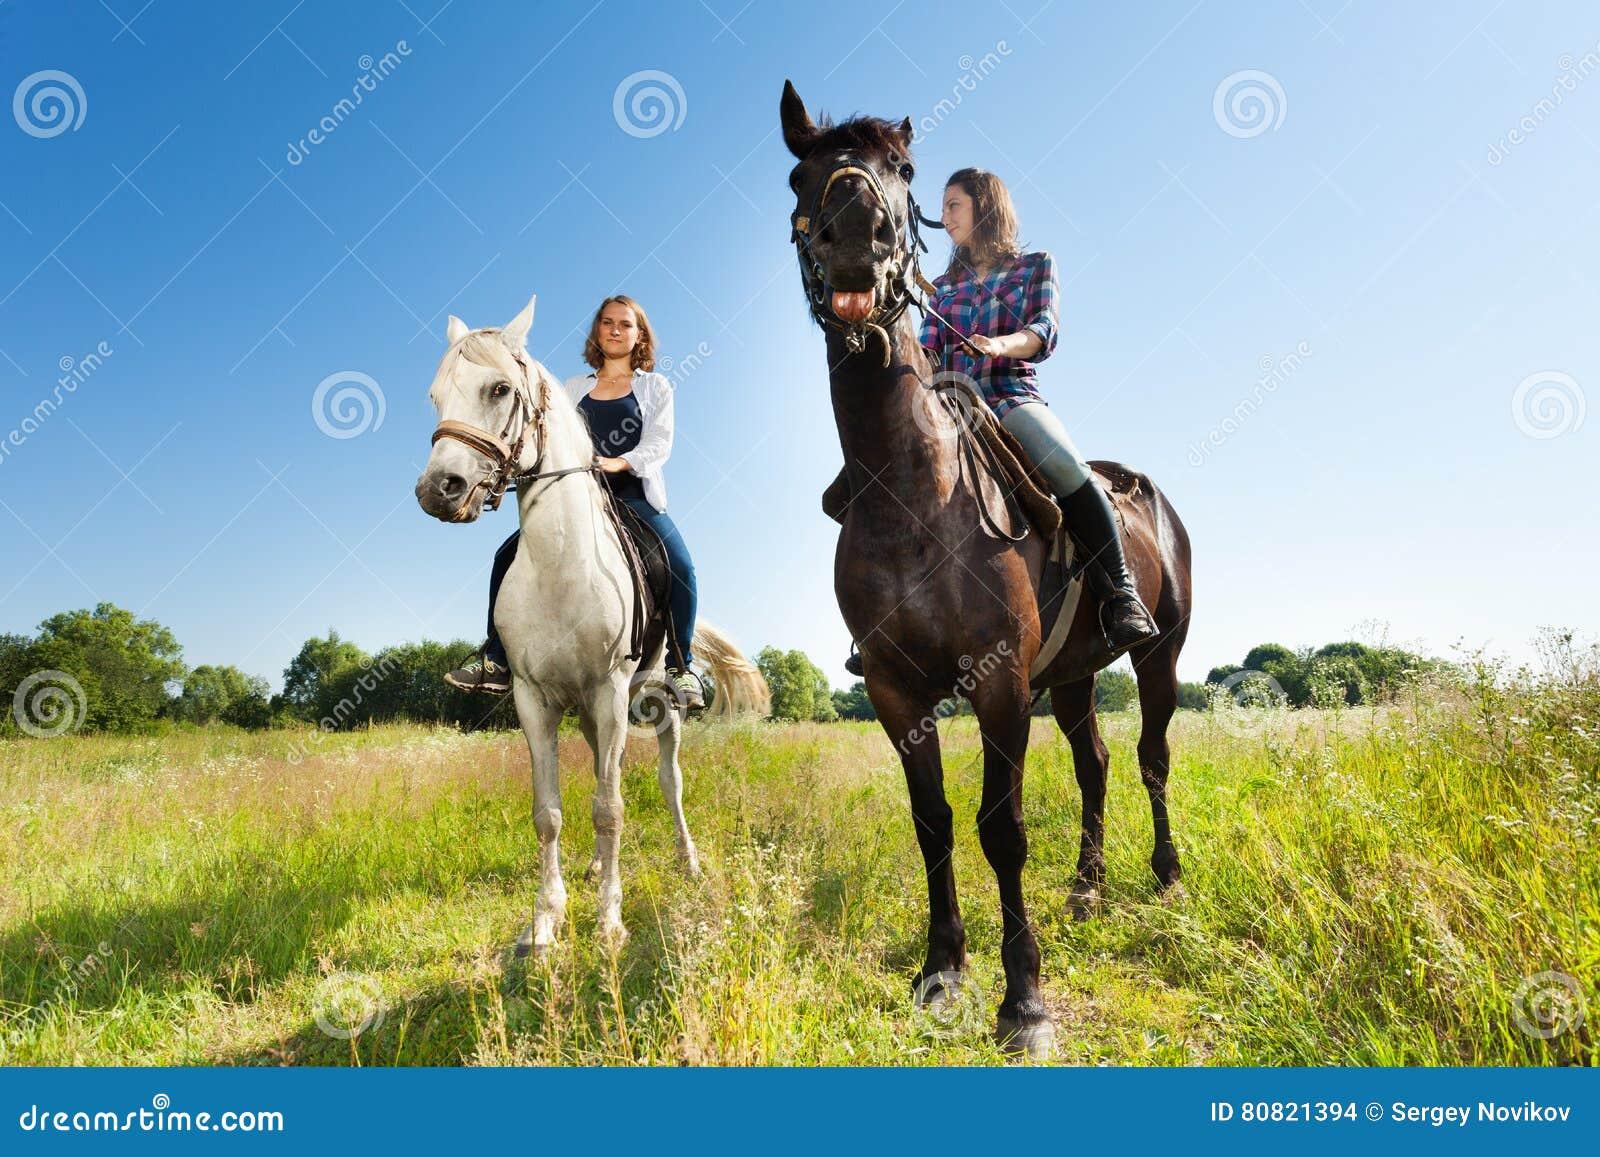 Pferde frauen Redbubble logo